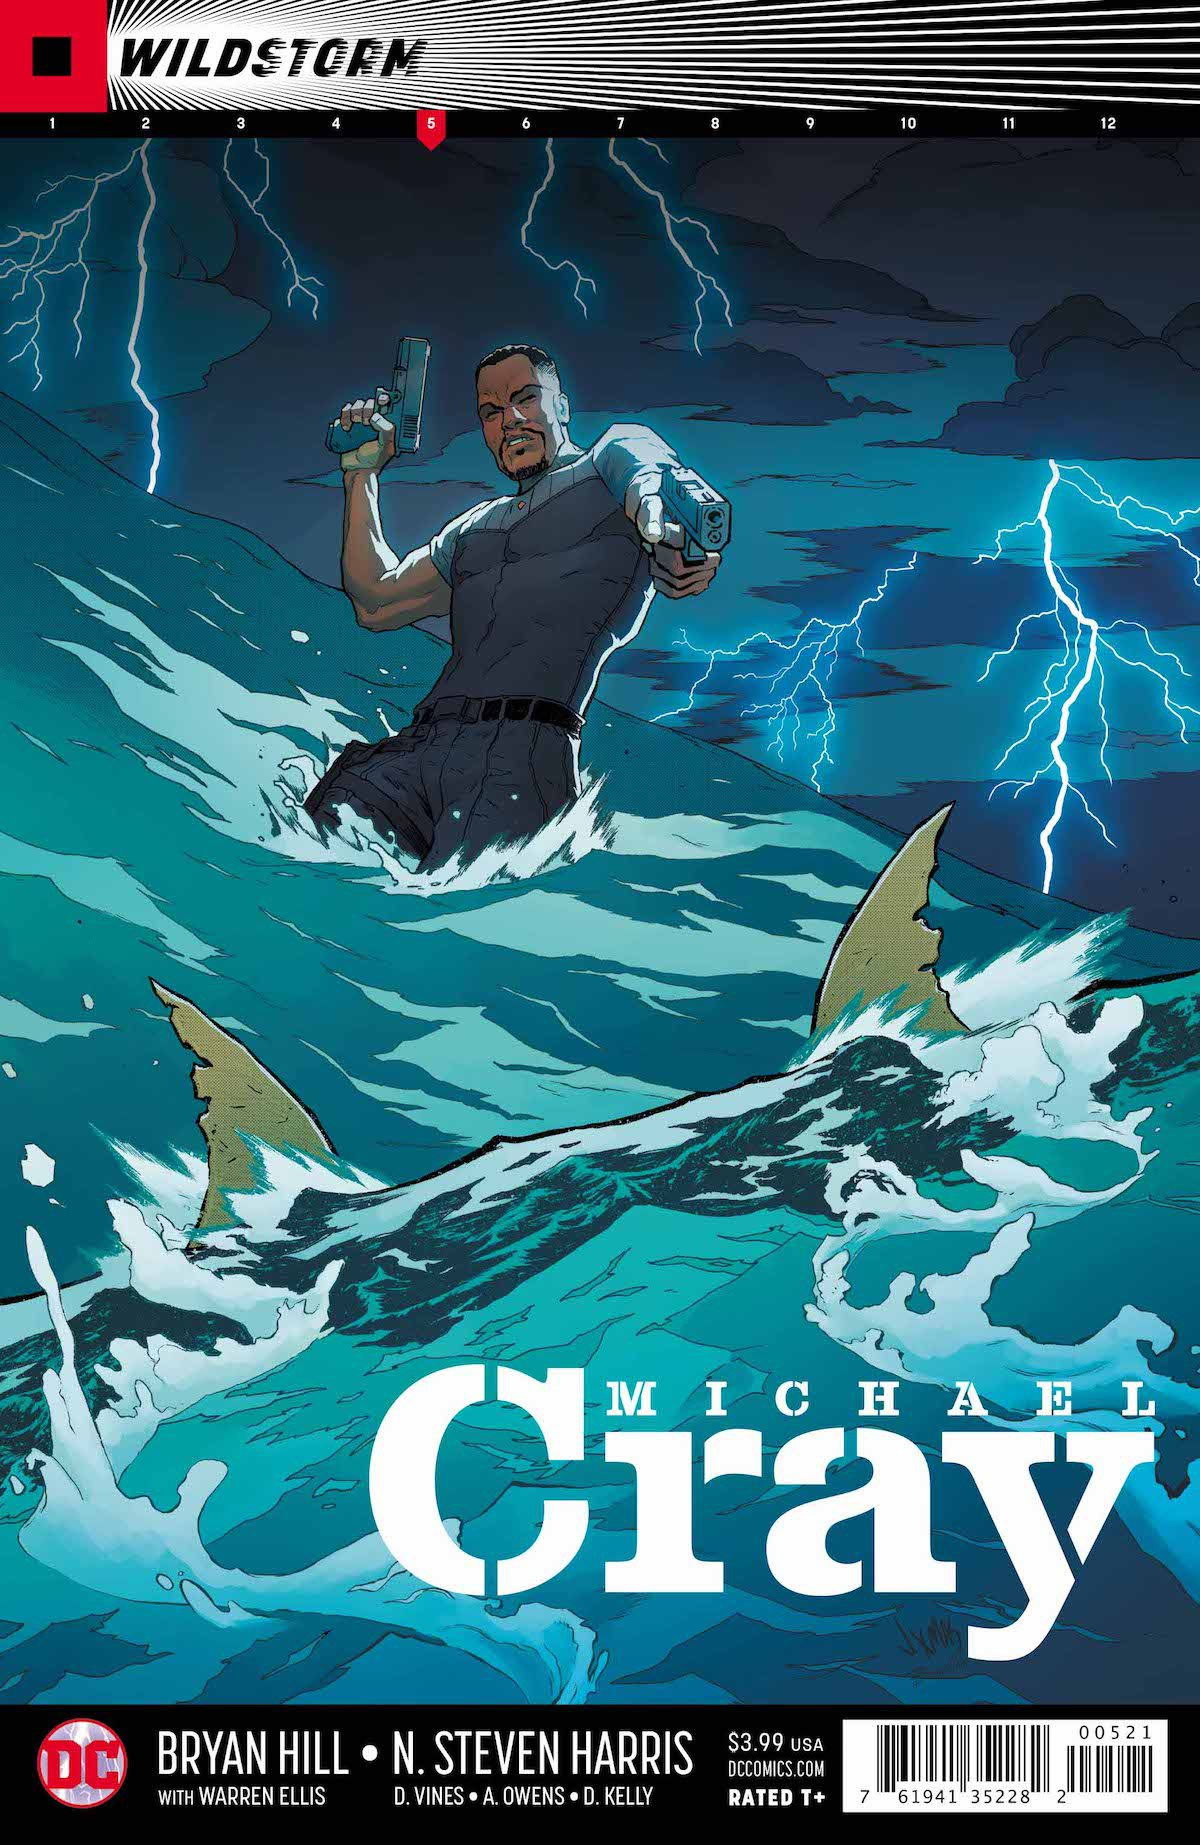 The Wildstorm: Michael Cray #5